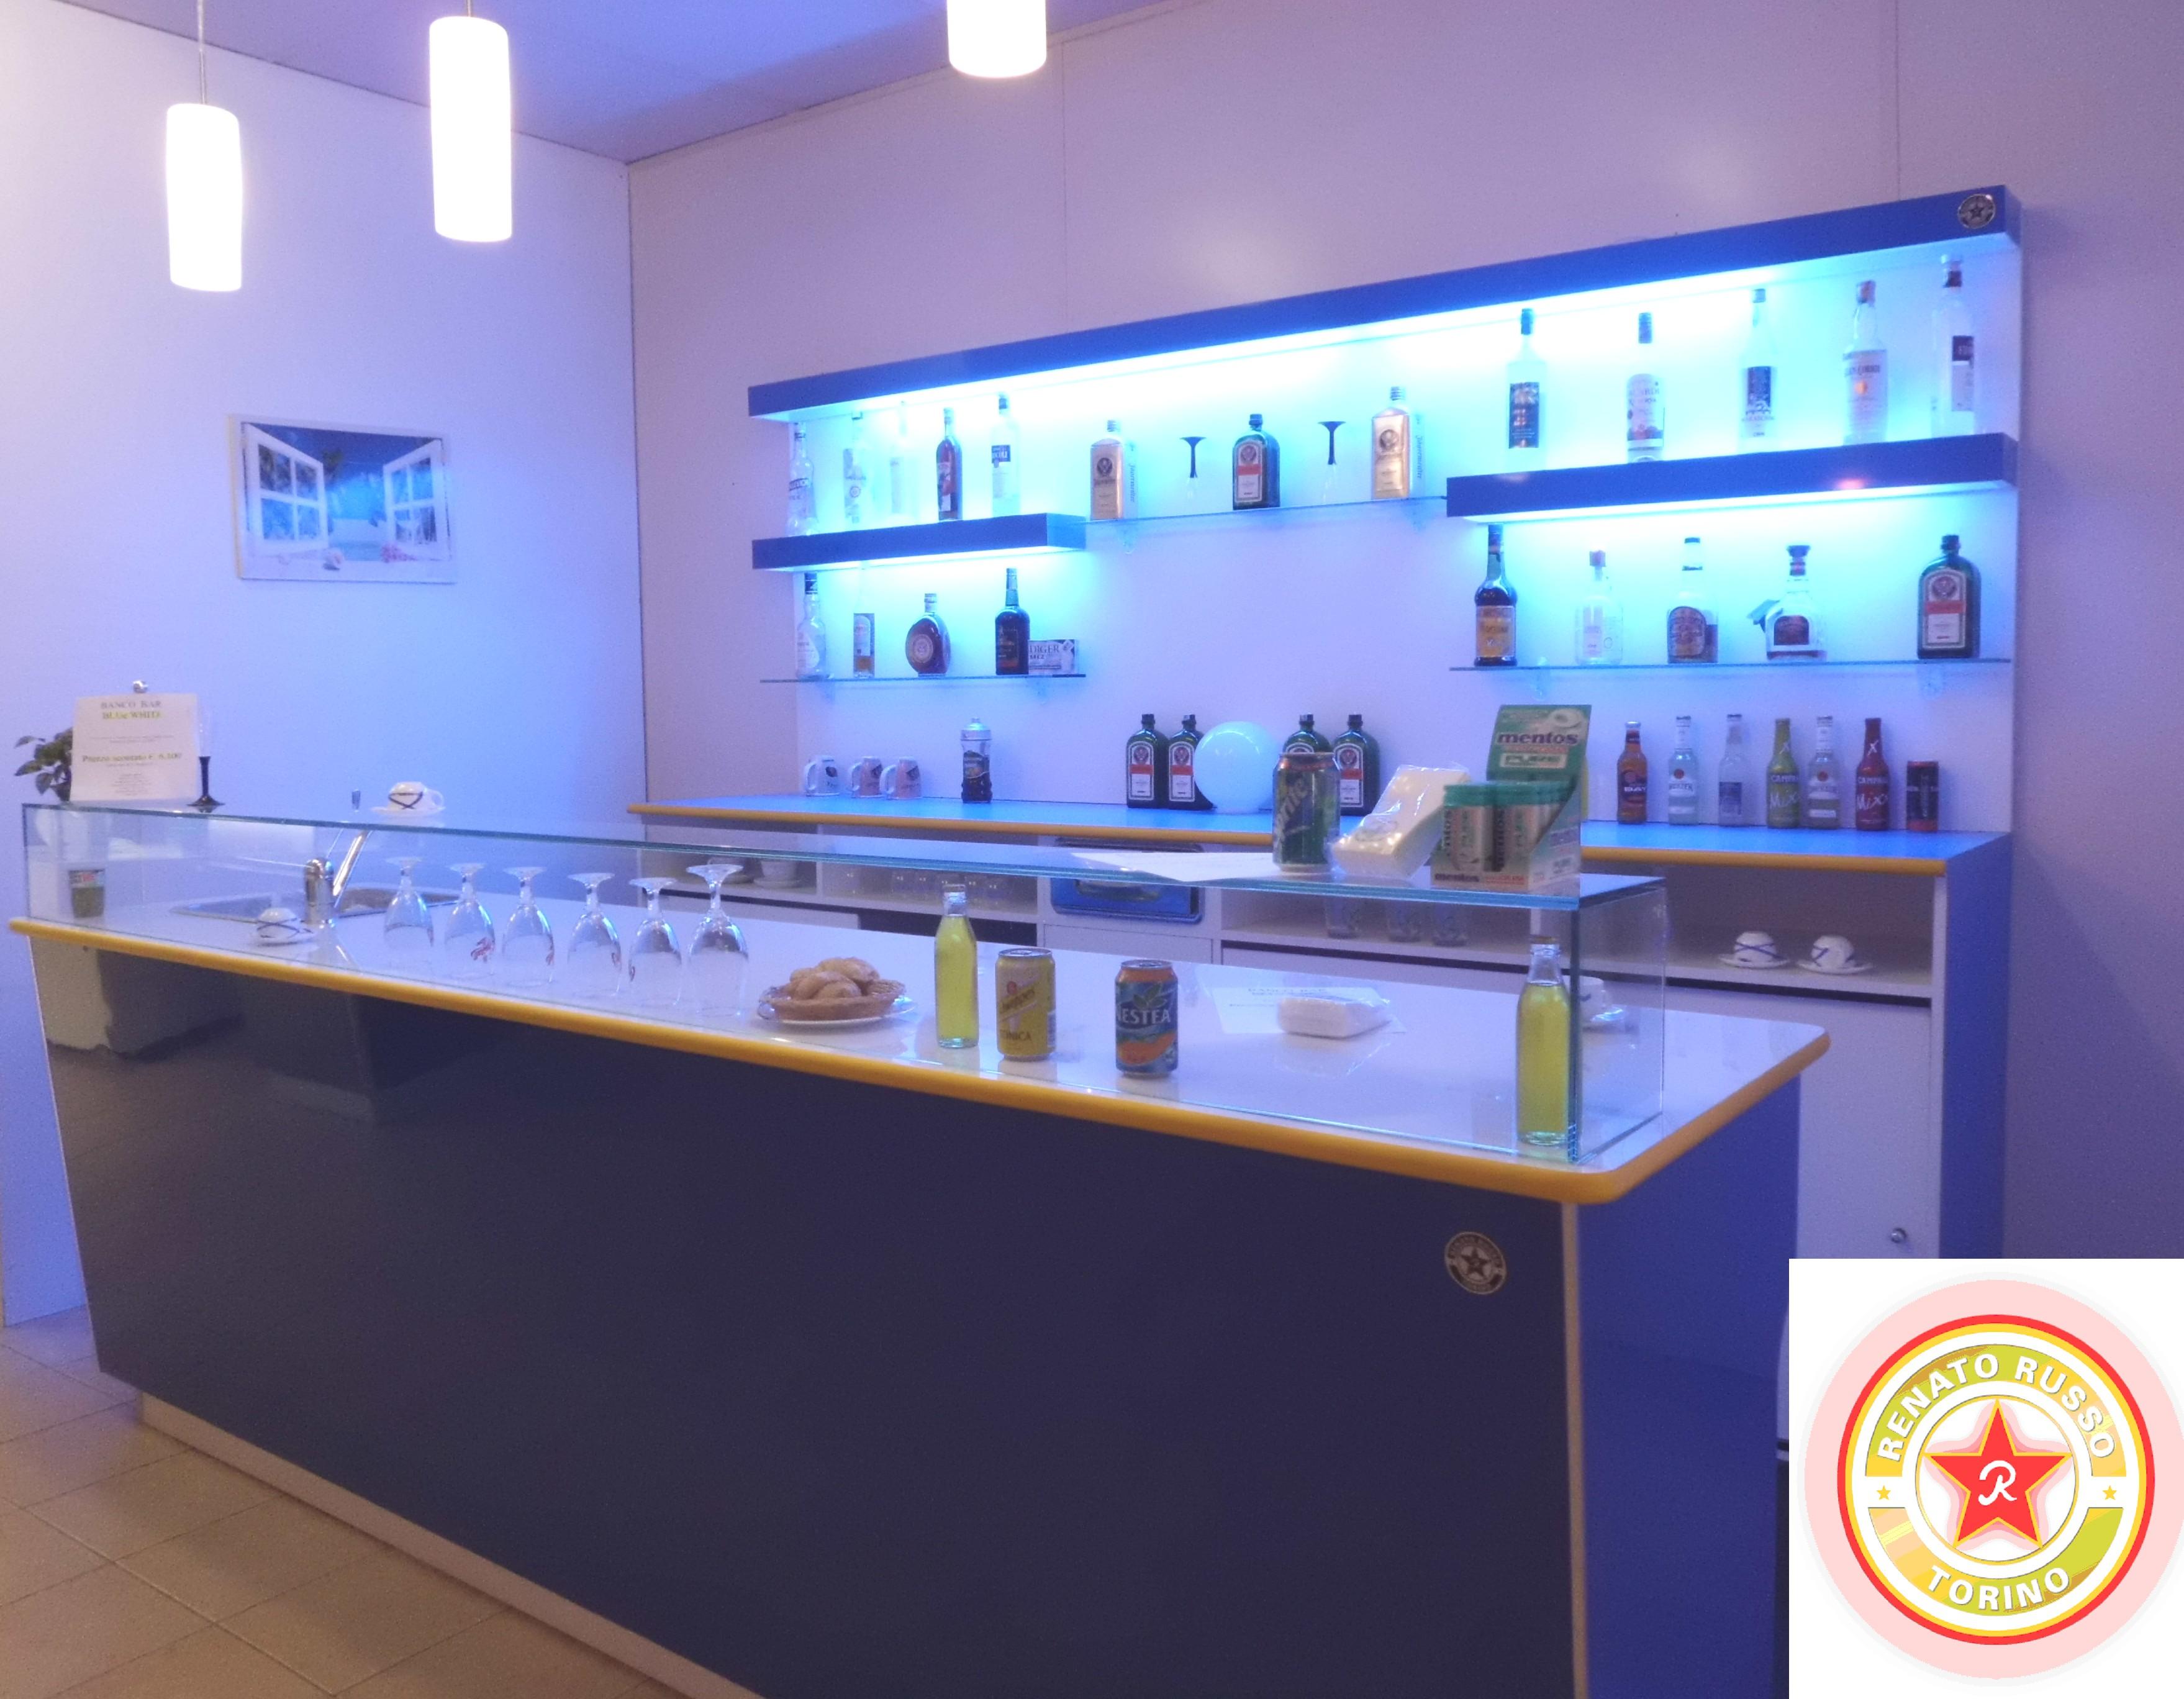 Banchi bar compra in fabbrica banchi bar produttori di for Banchi bar e arredamenti completi